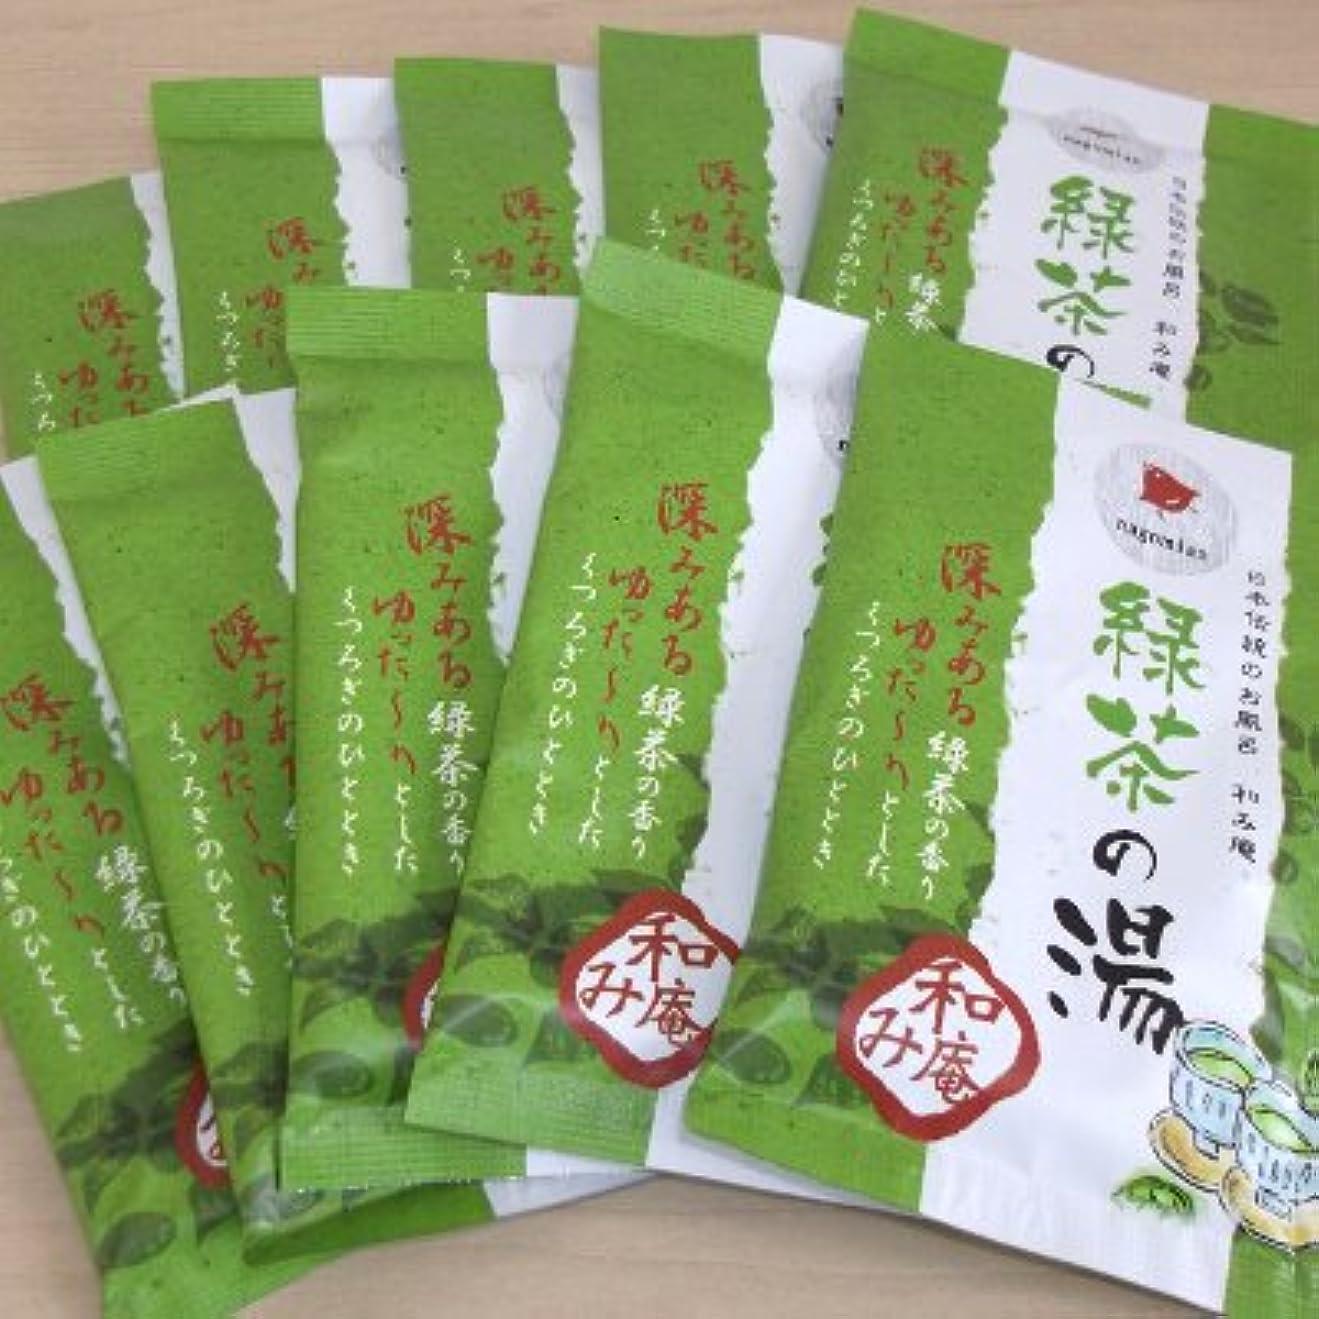 相対性理論モンキー別の和み庵 緑茶の湯 10包セット